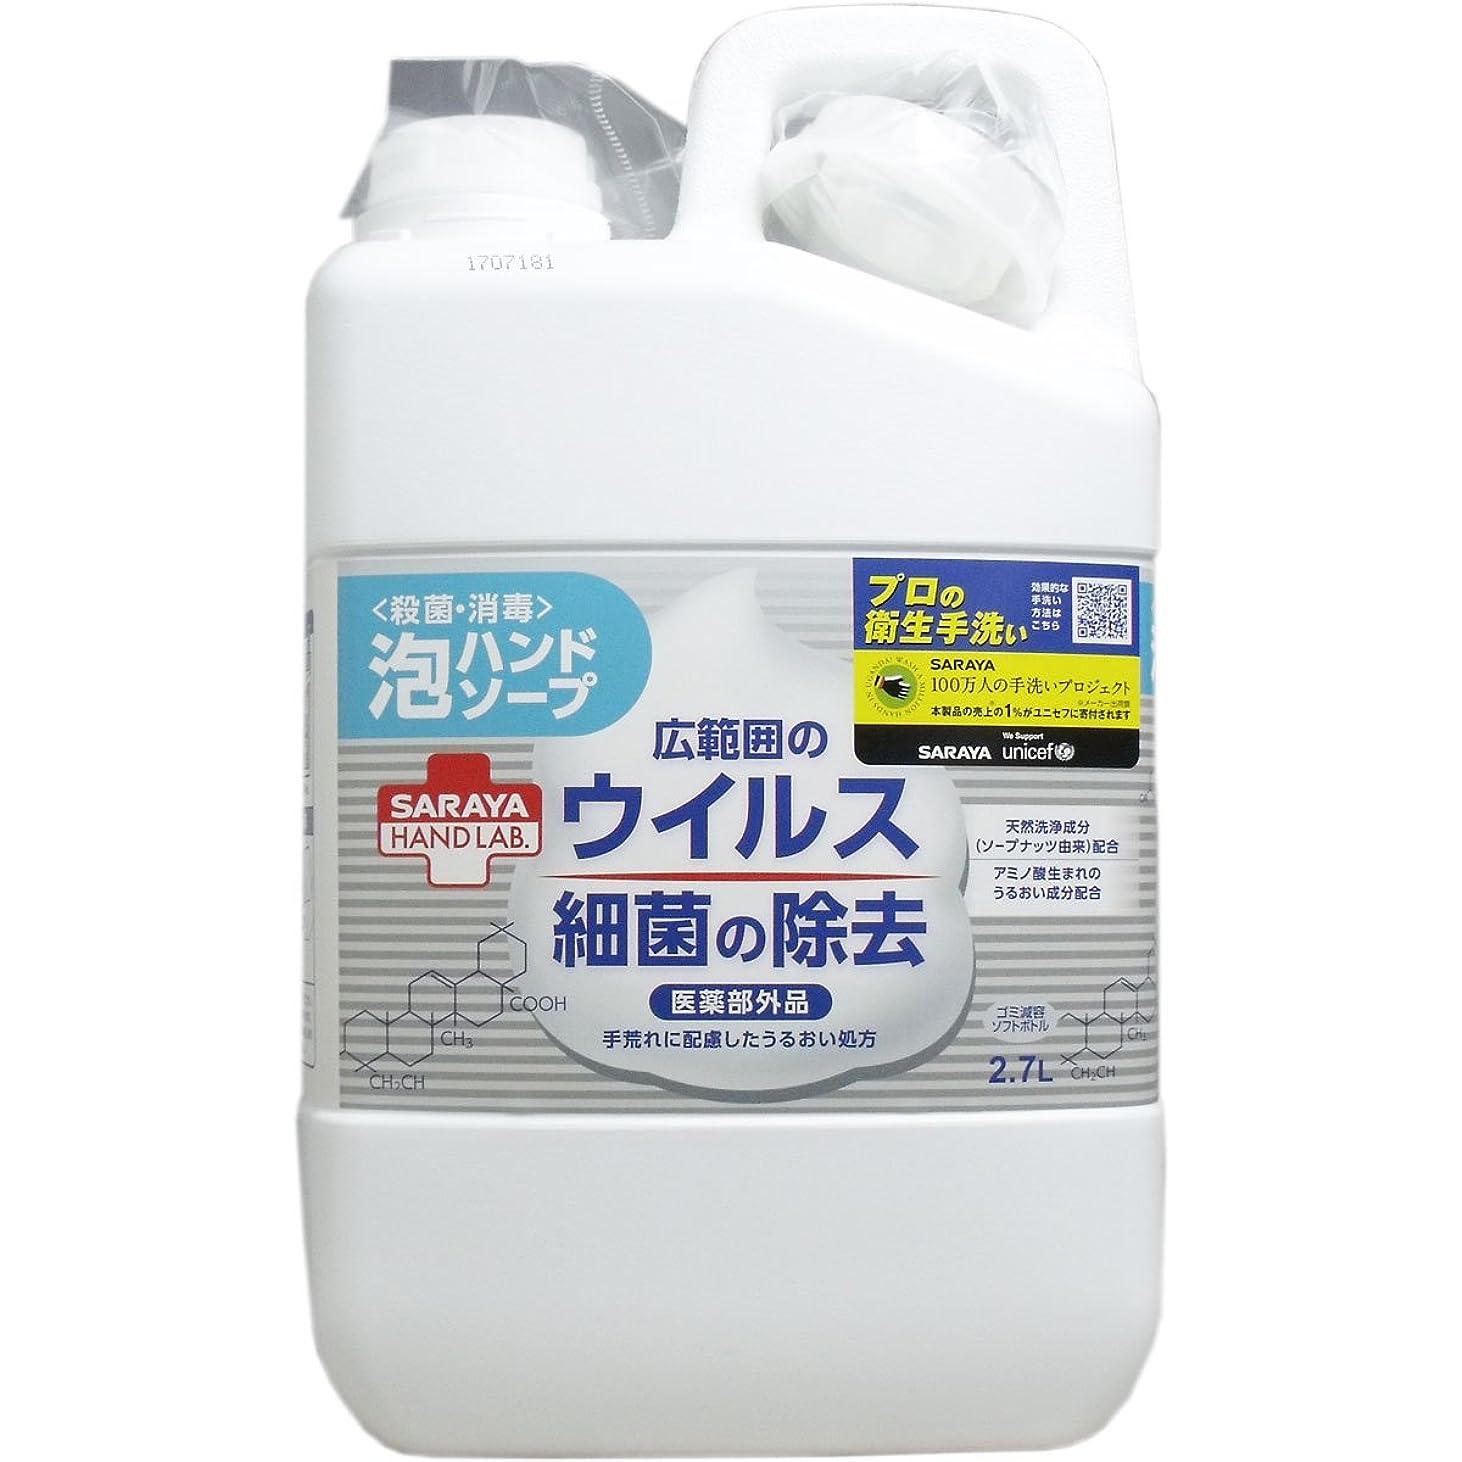 避けられない暴露するアンタゴニストハンドラボ 薬用泡ハンドソープ 詰替用 2.7L